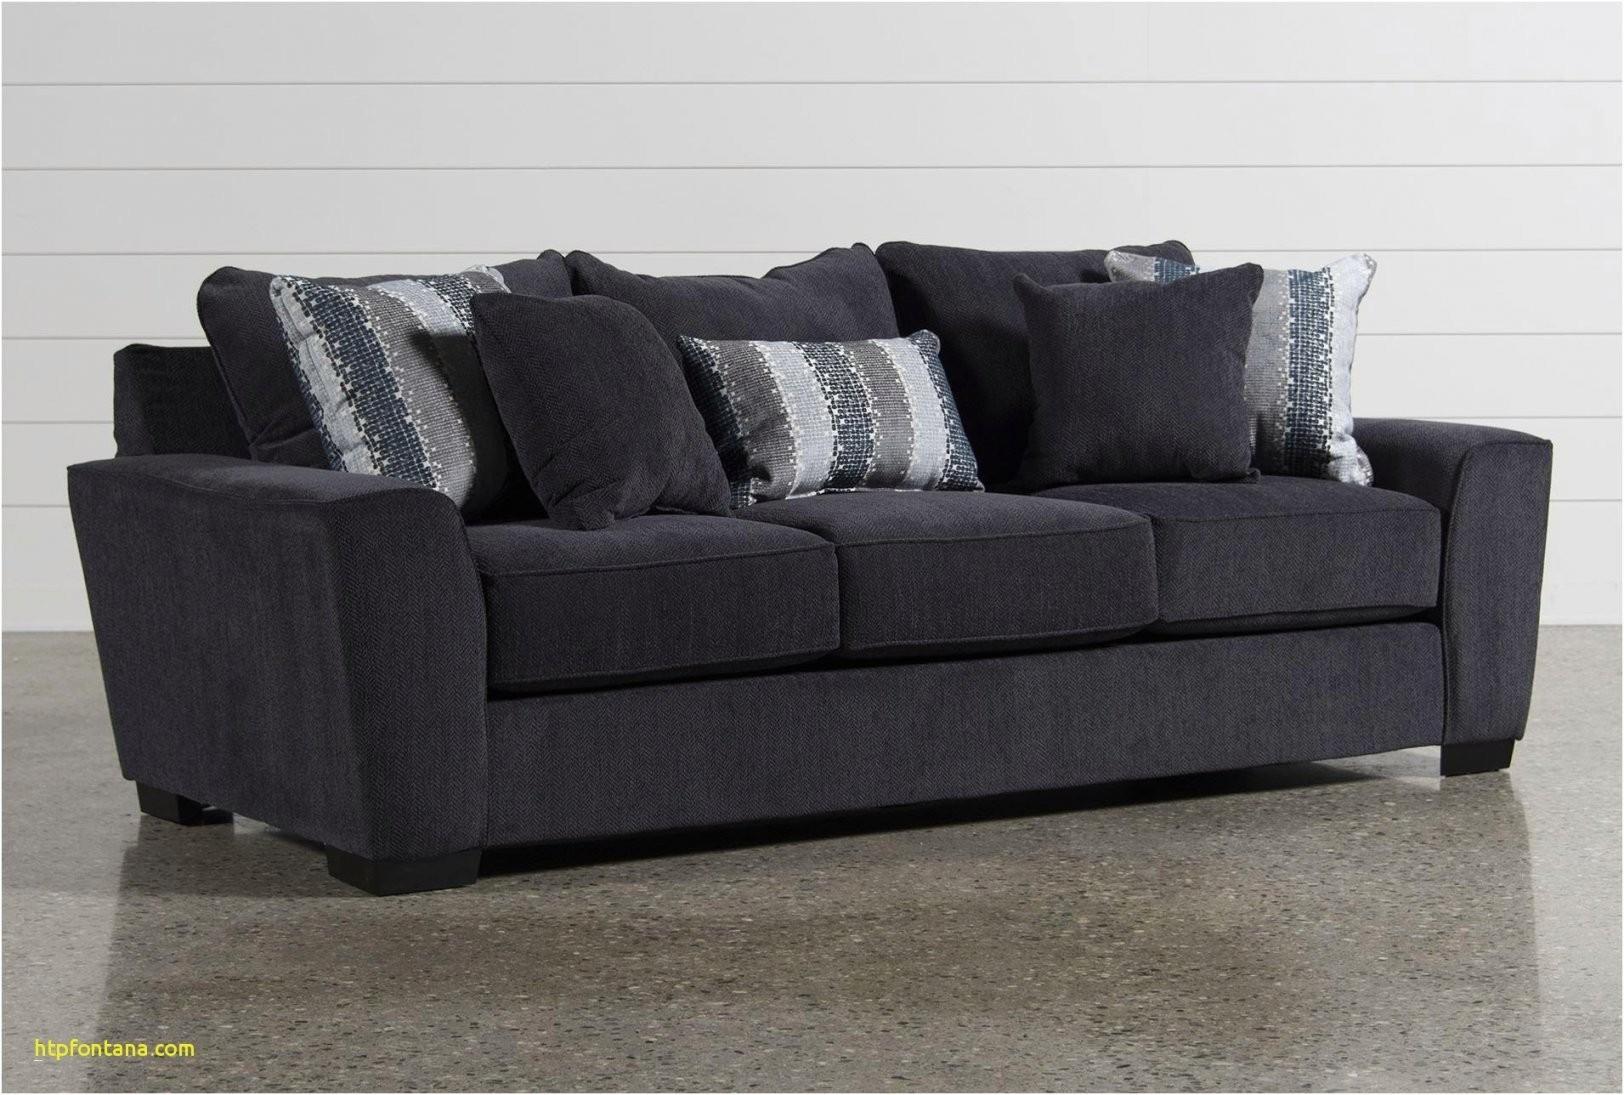 Schlafsofa Reduziert Best Of 25 Eindeutig Lounge Sofa 2 Sitzer von Lounge Sofa 2 Sitzer Outdoor Photo